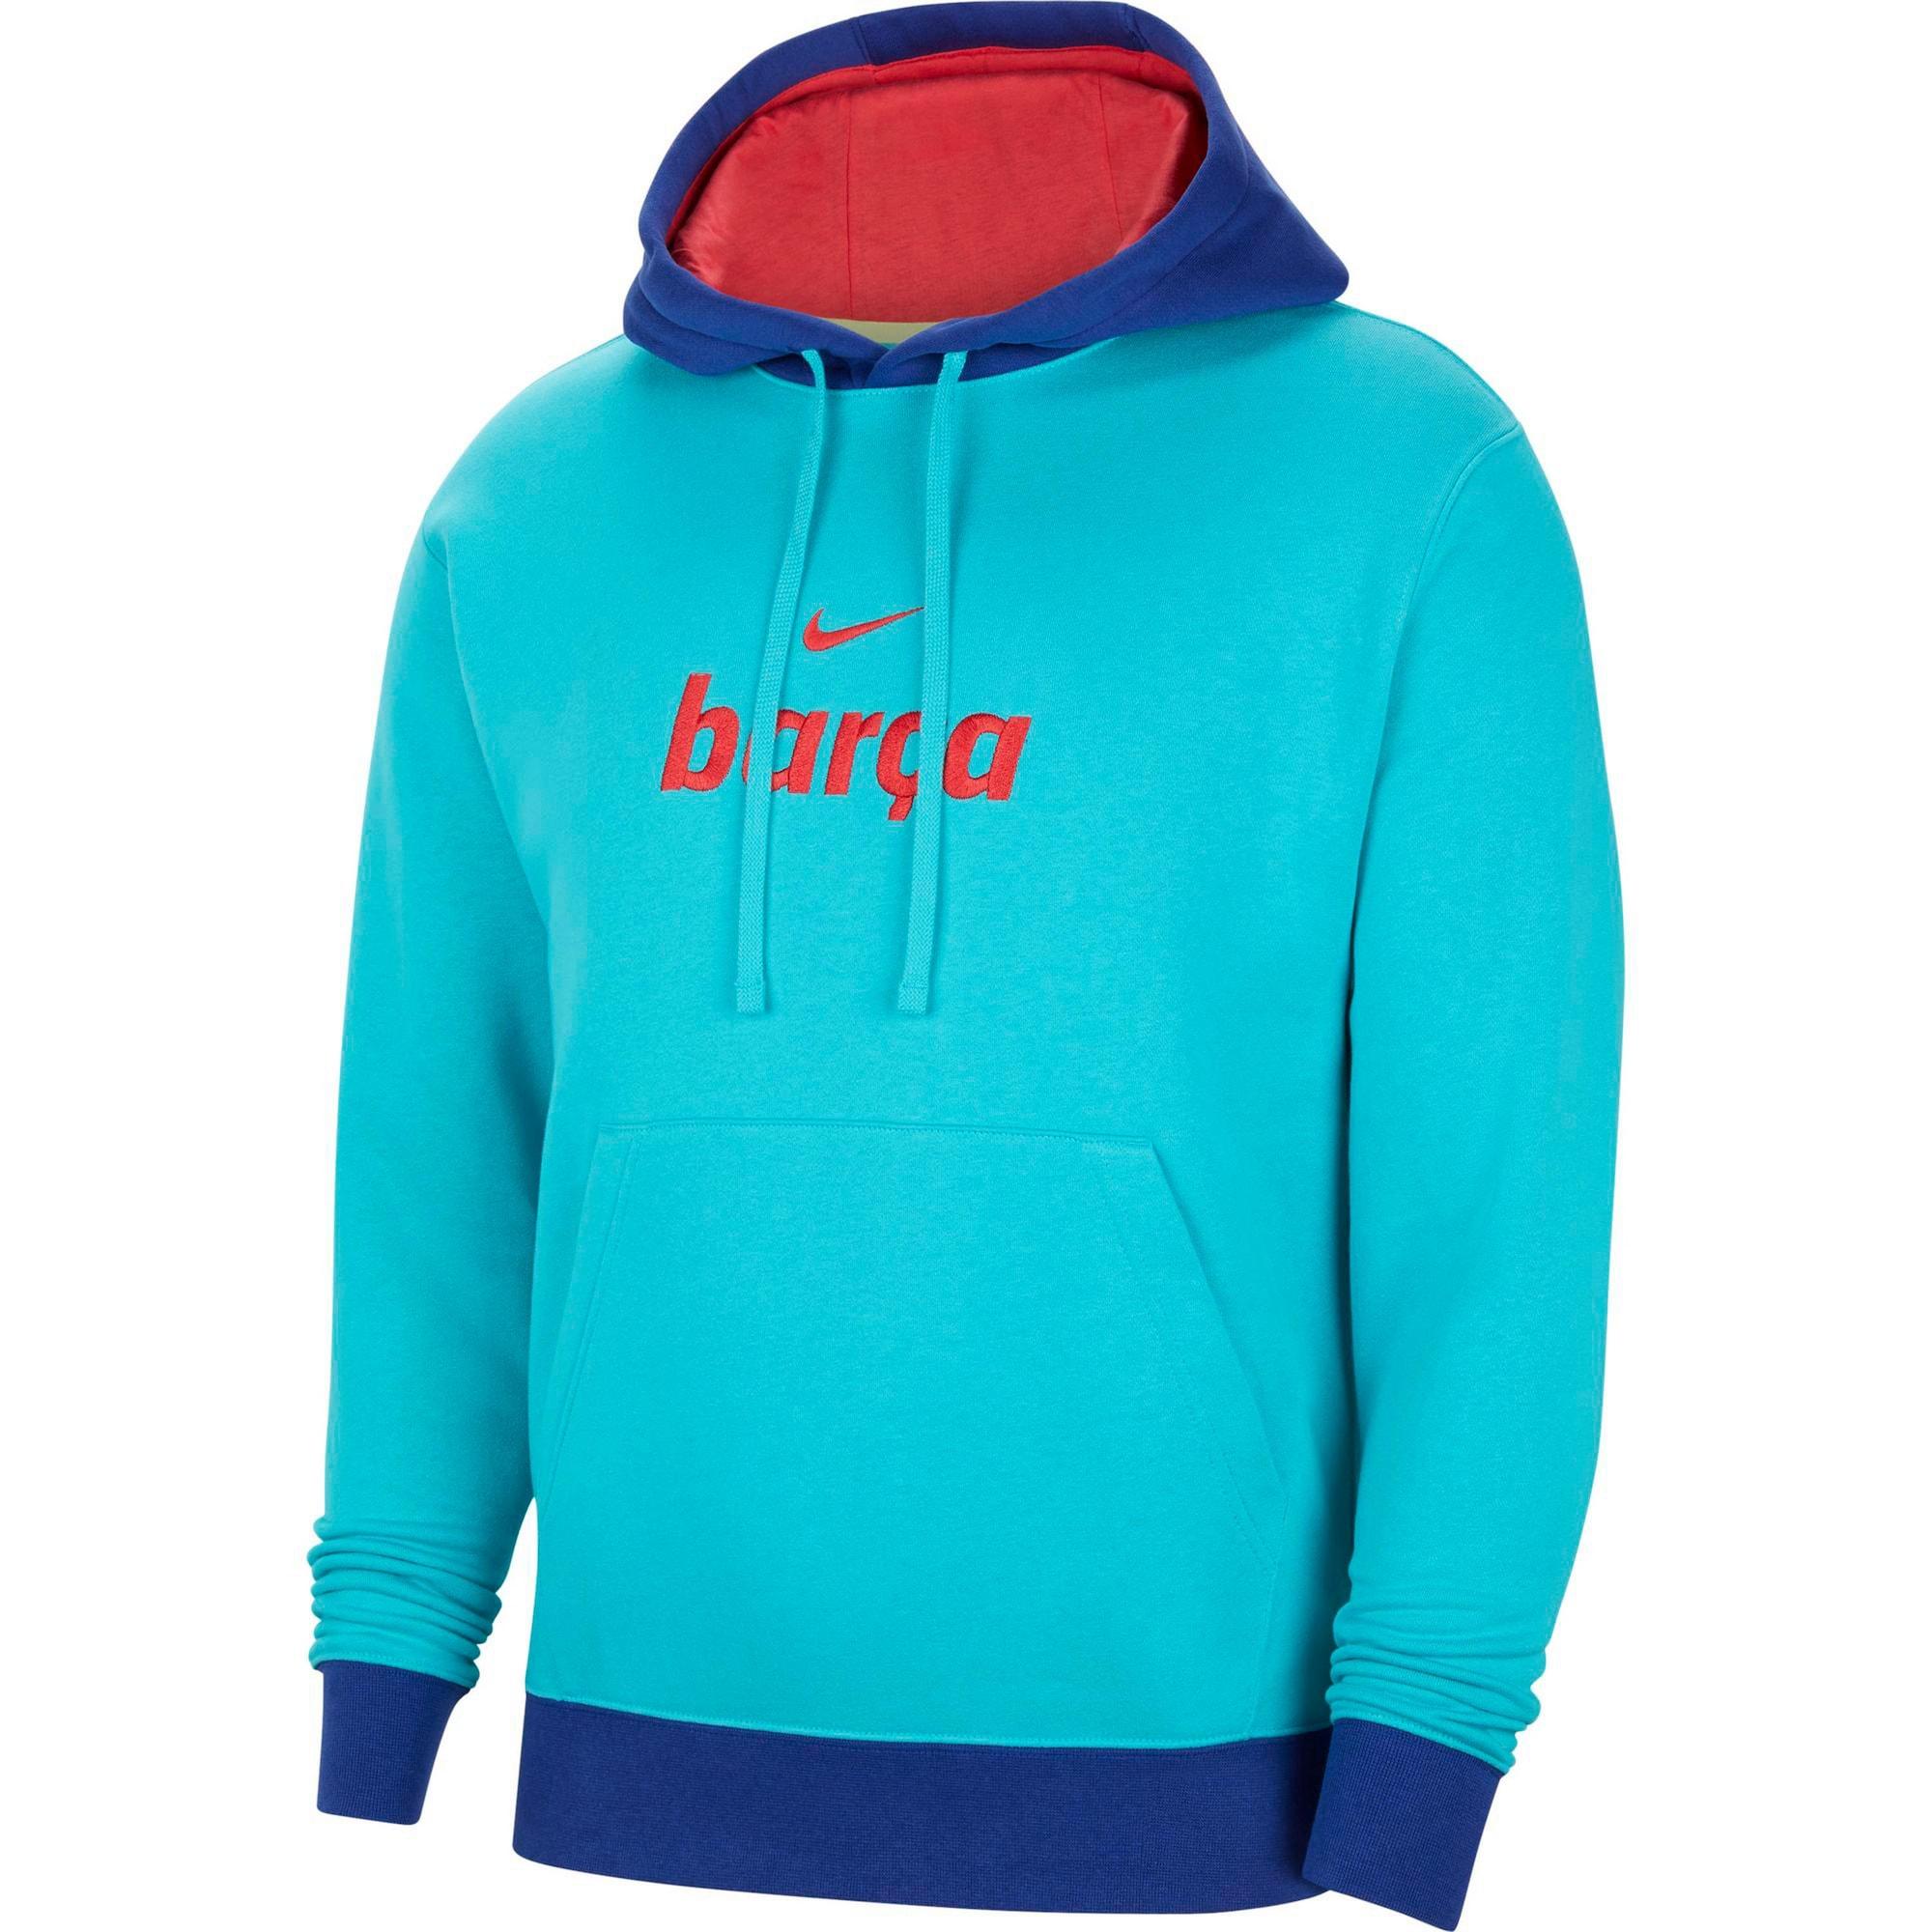 NIKE Sportinio tipo megztinis kraujo spalva / indigo spalva / turkio spalva